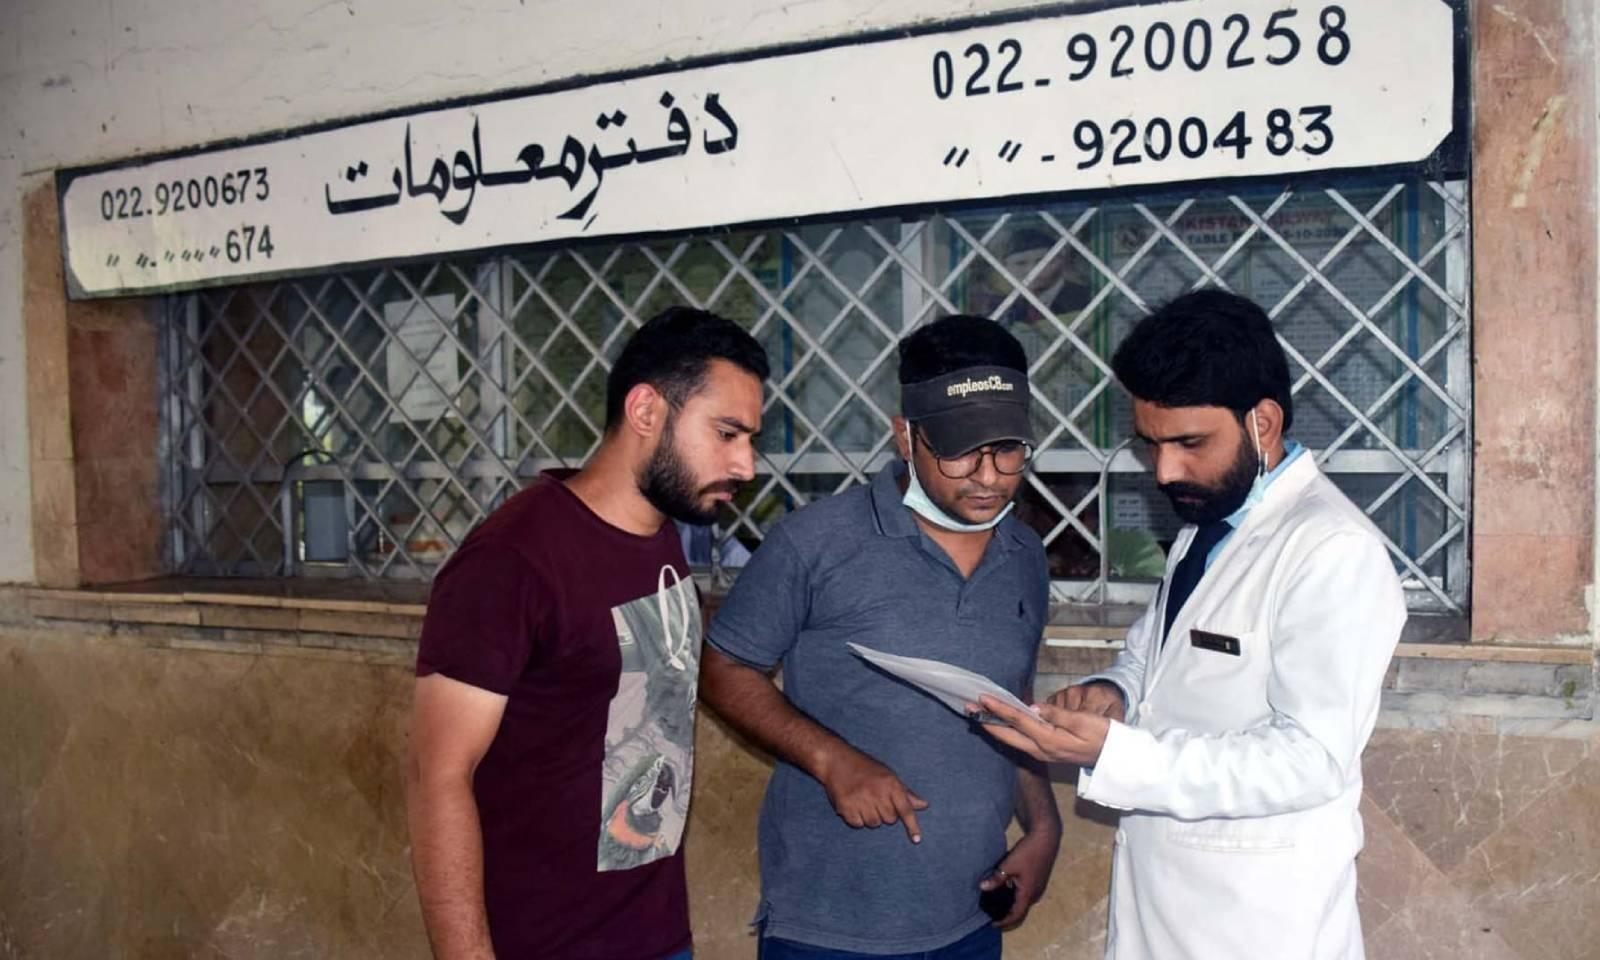 ایک شخص  حیدرآباد سے ملت  ایکسپریس میں سوار اپنے ایک عزیز کے نام کی تصدیق کررہا ہے — فوٹو: عمیر علی